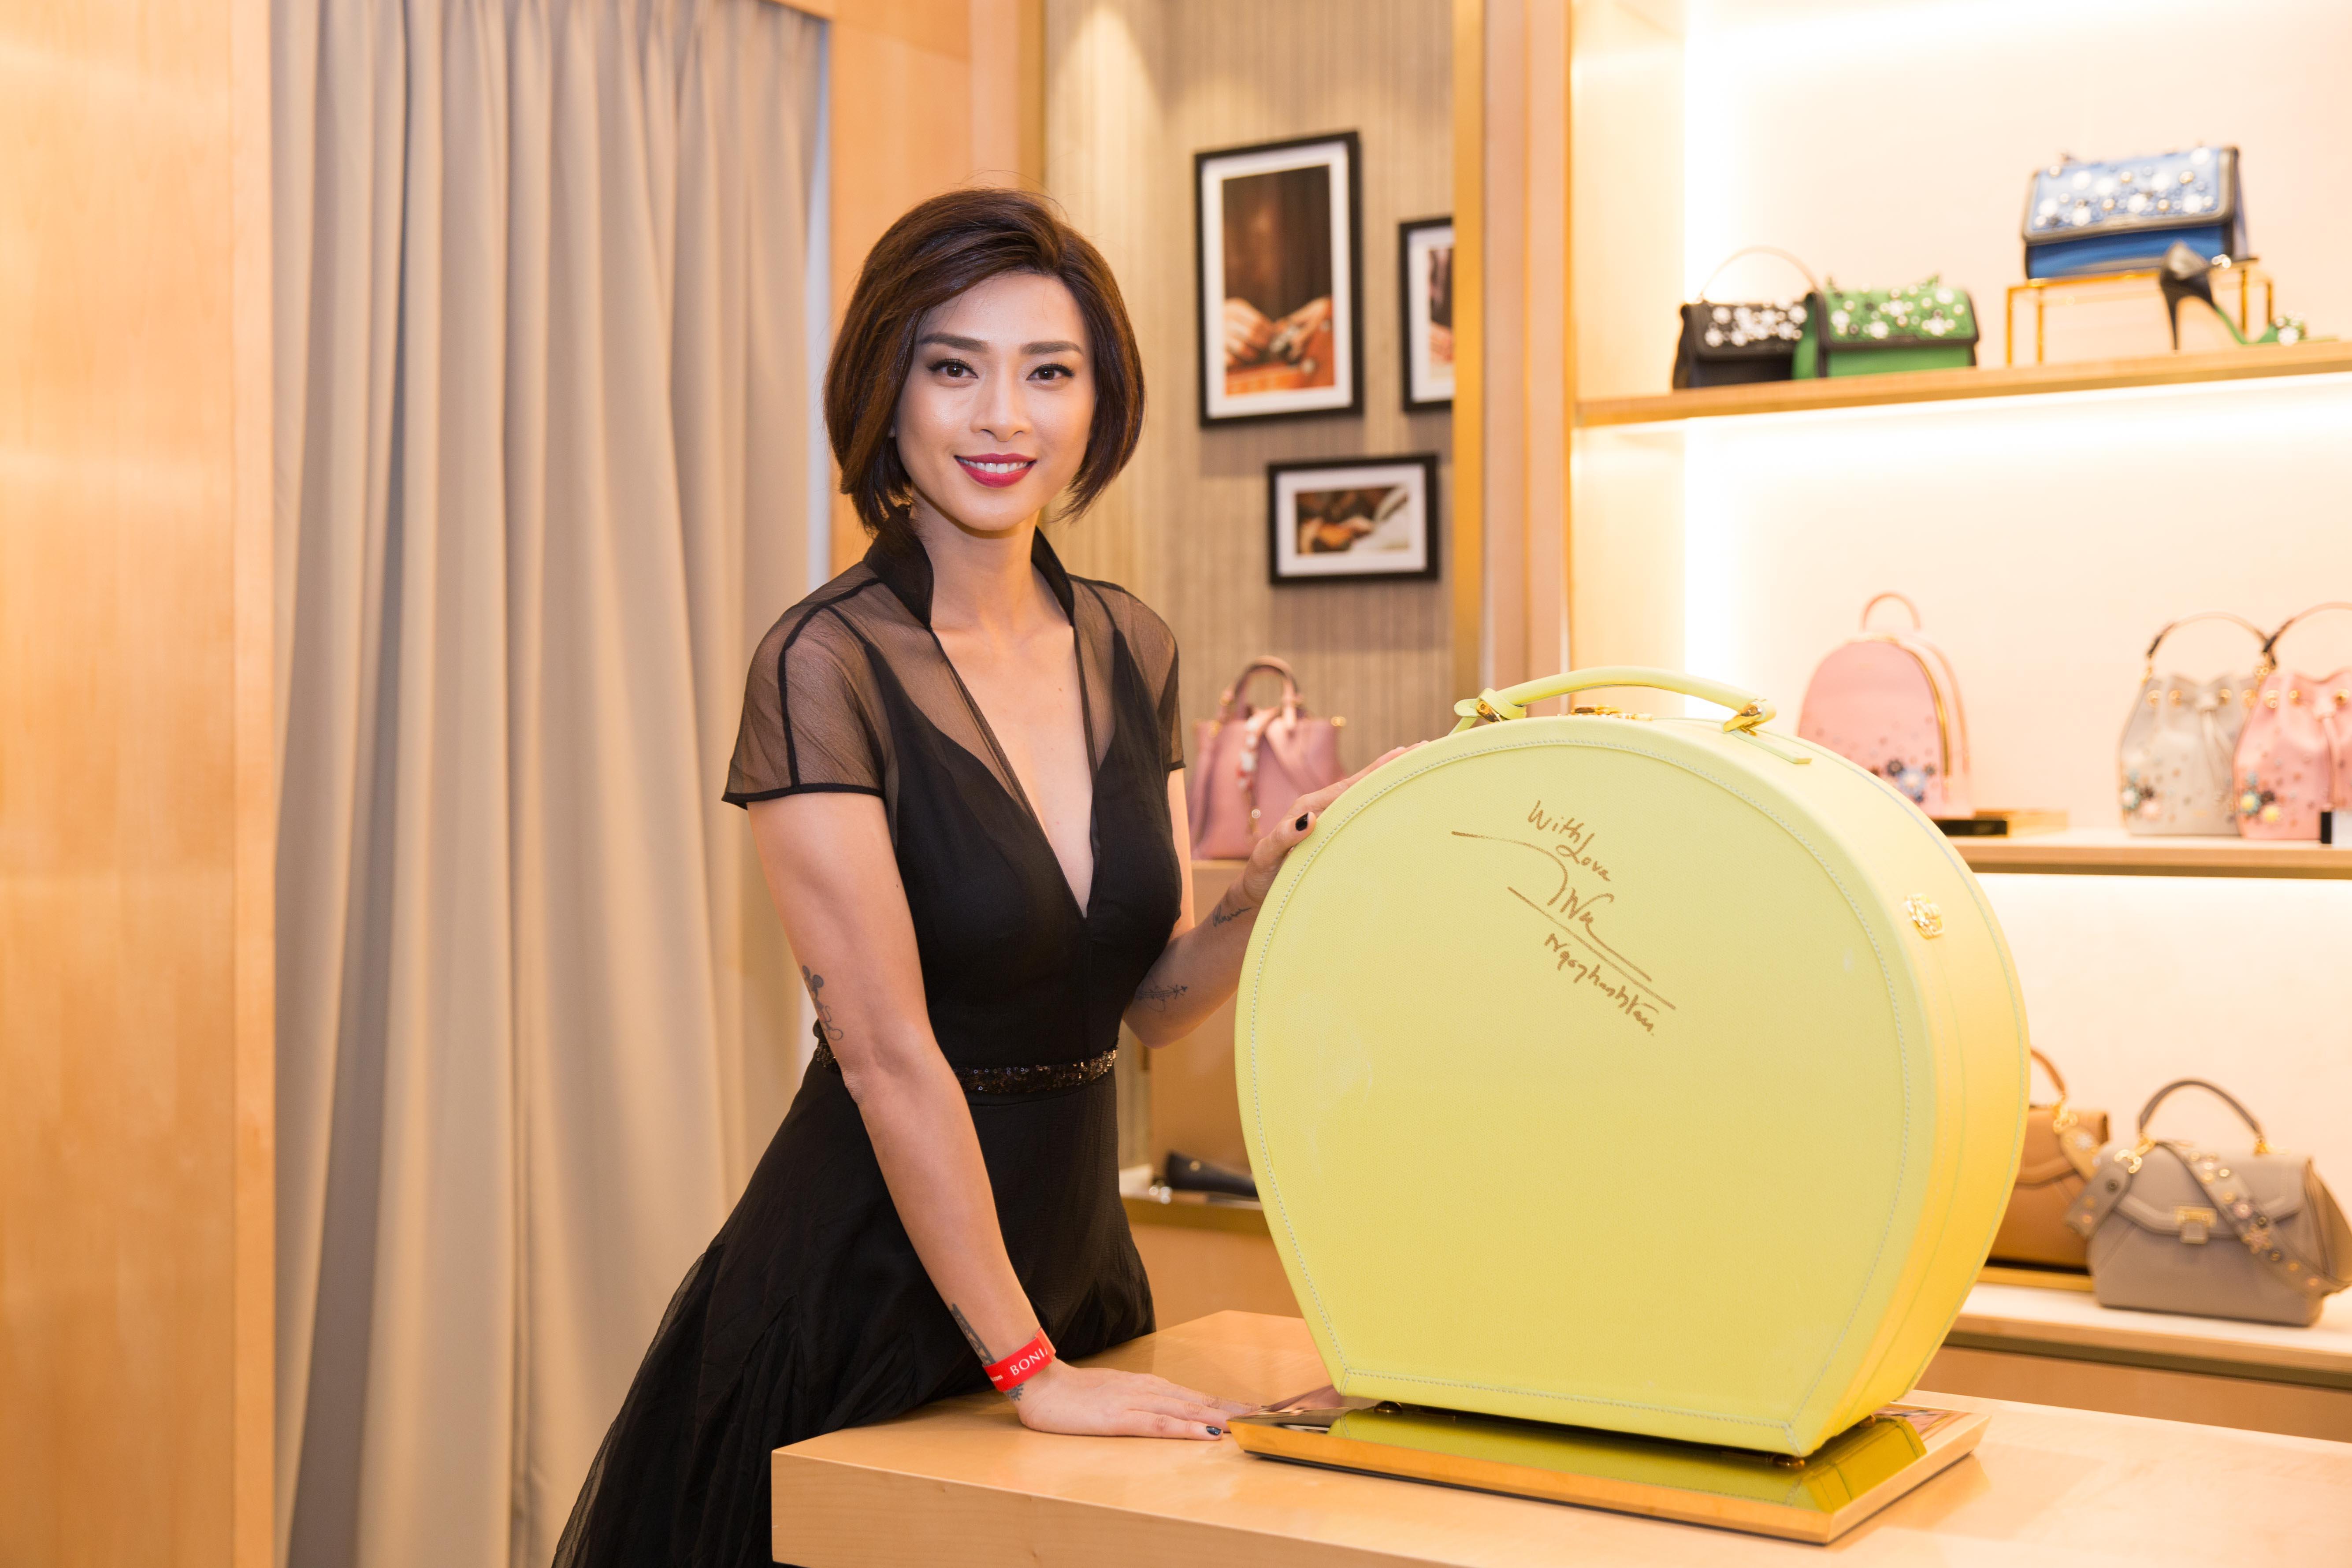 Ngô Thanh Vân sang trọng xuất hiện trong buổi khai trương cửa hàng BONIA